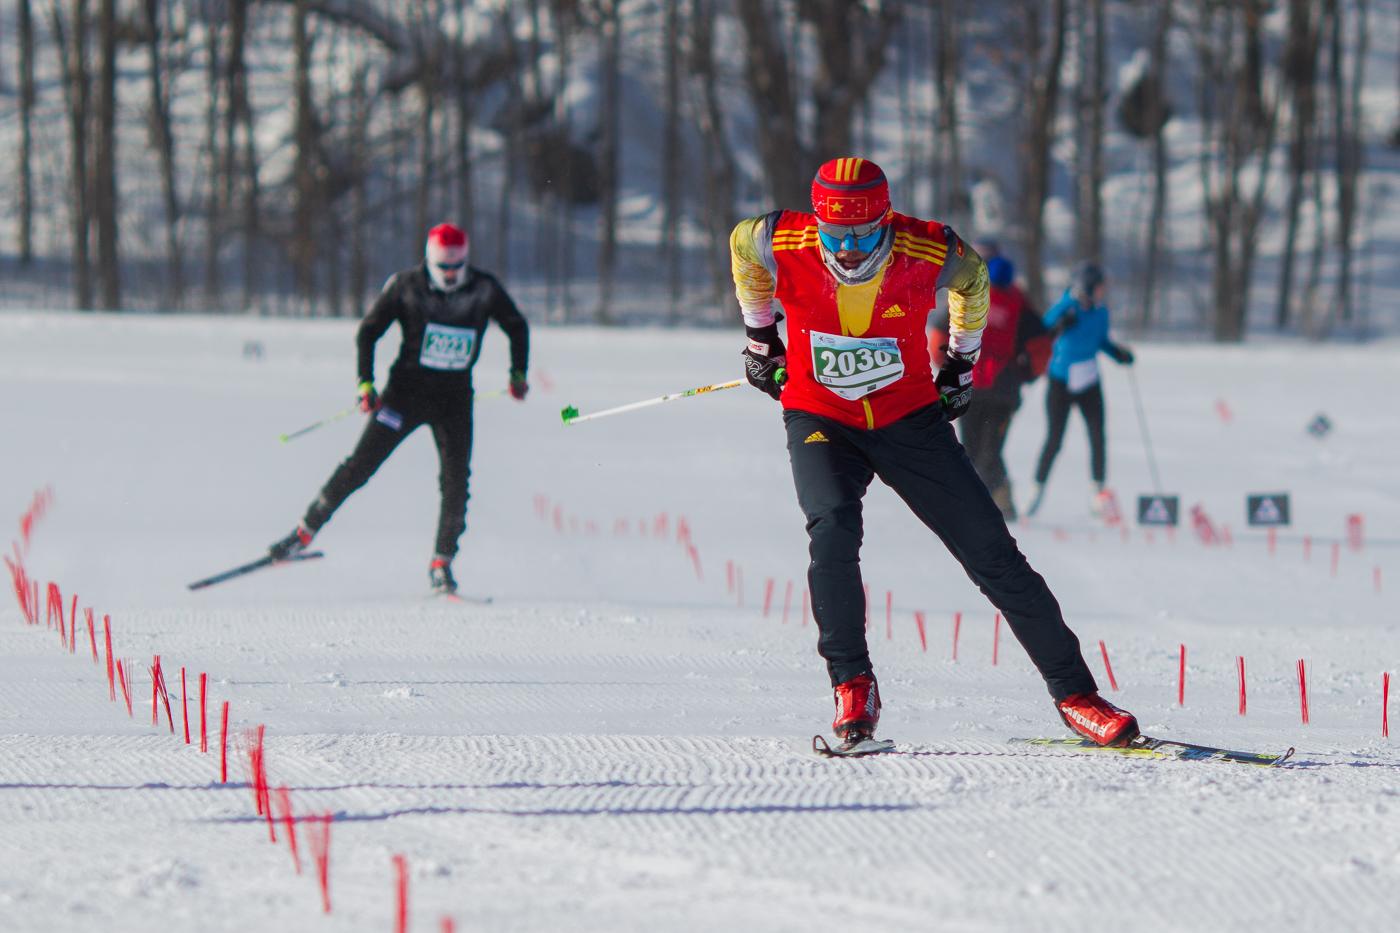 Welong Xu devant Nicholas Pigeon au dernier droit du 22.5 km style libre. Gatineau Loppet 2015 (© Sébastien Lavallée)